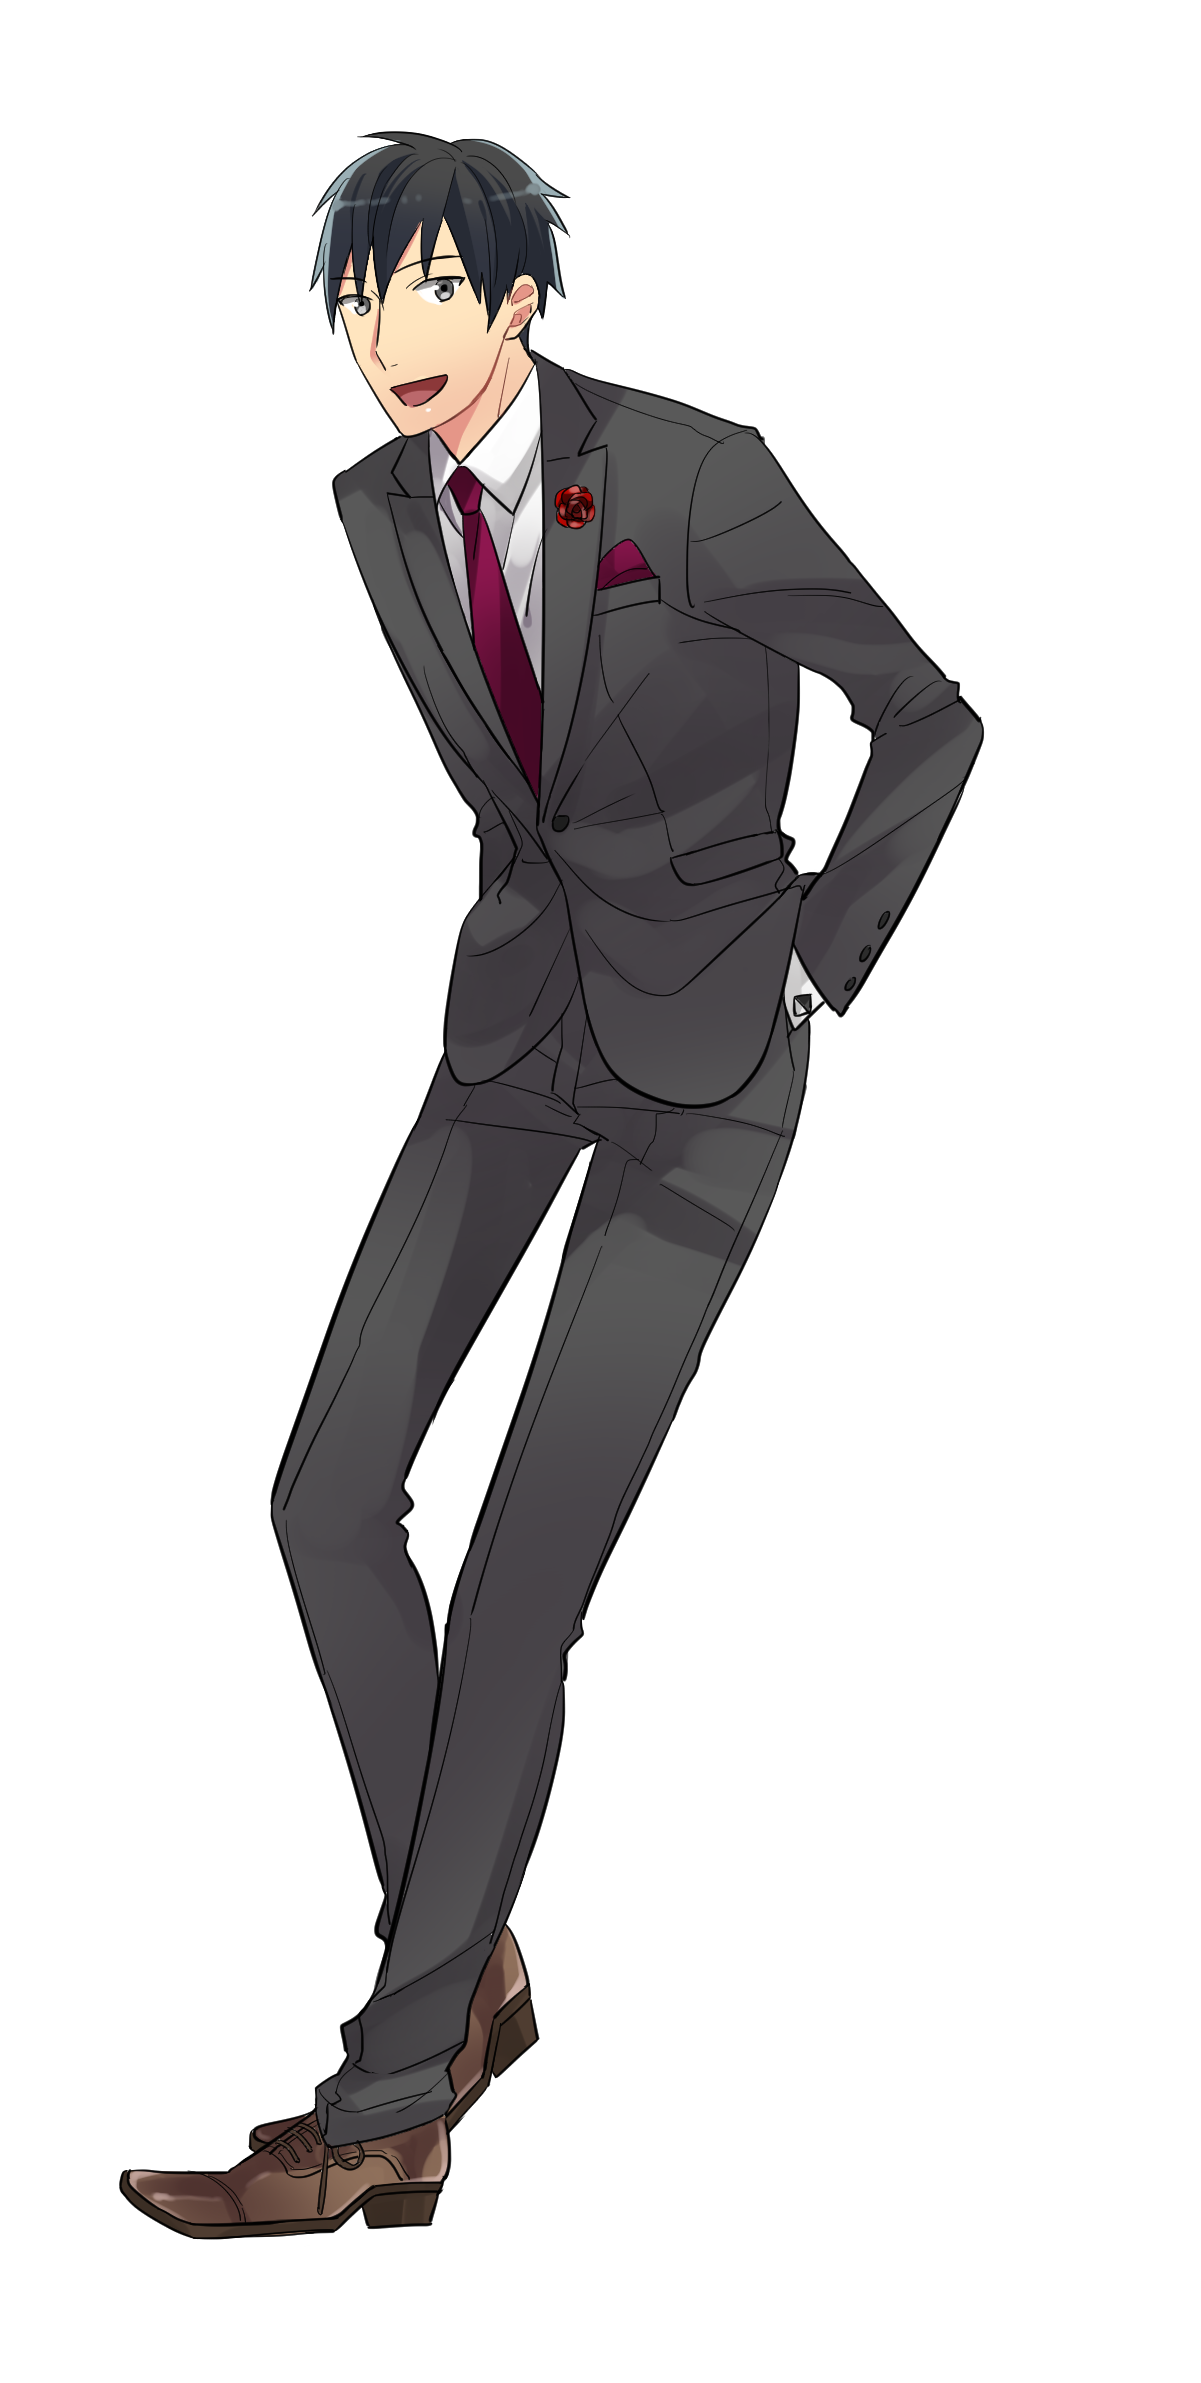 スーツ男子の描き方講座スーツの種類仕組みも解説 イラスト